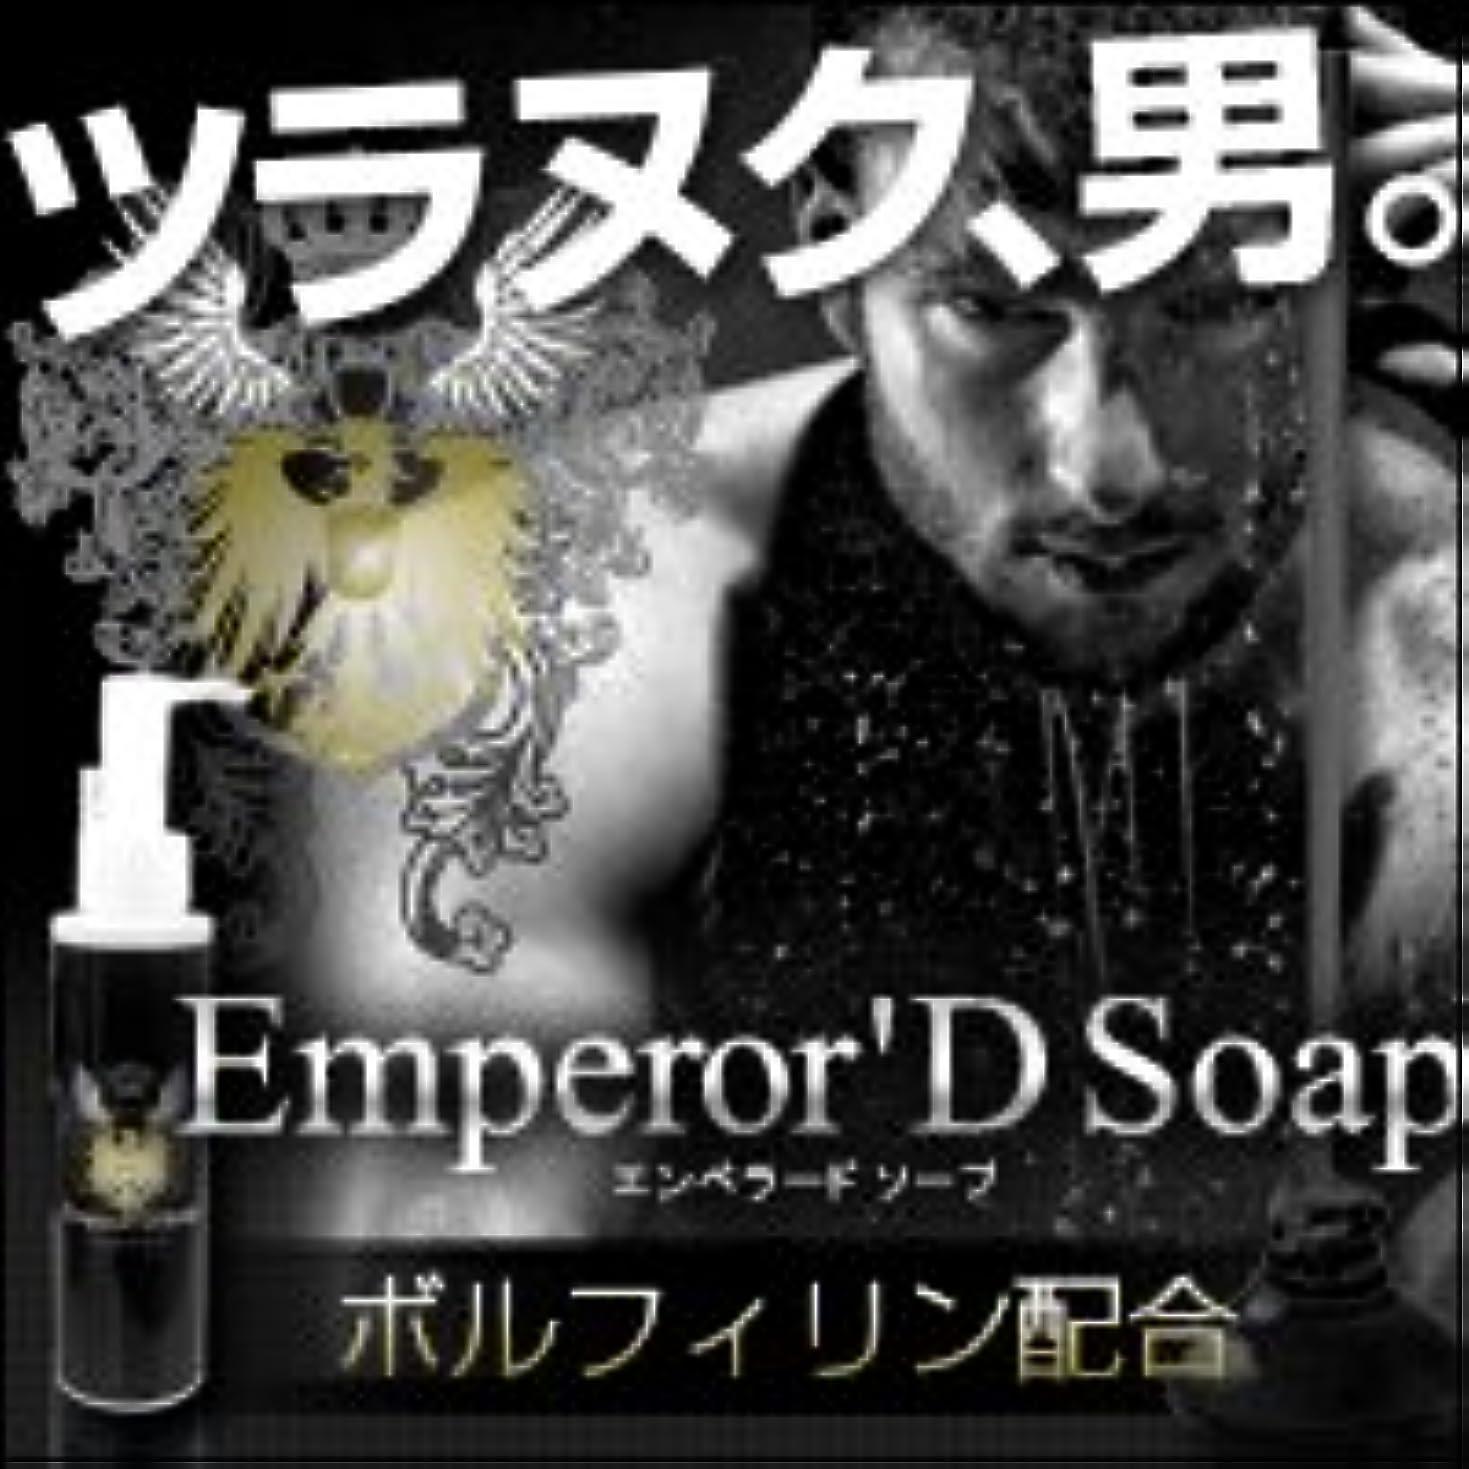 法王固執運搬【Emperor'D Soap(エンペラードソープ)】ツラヌク男になる!!!